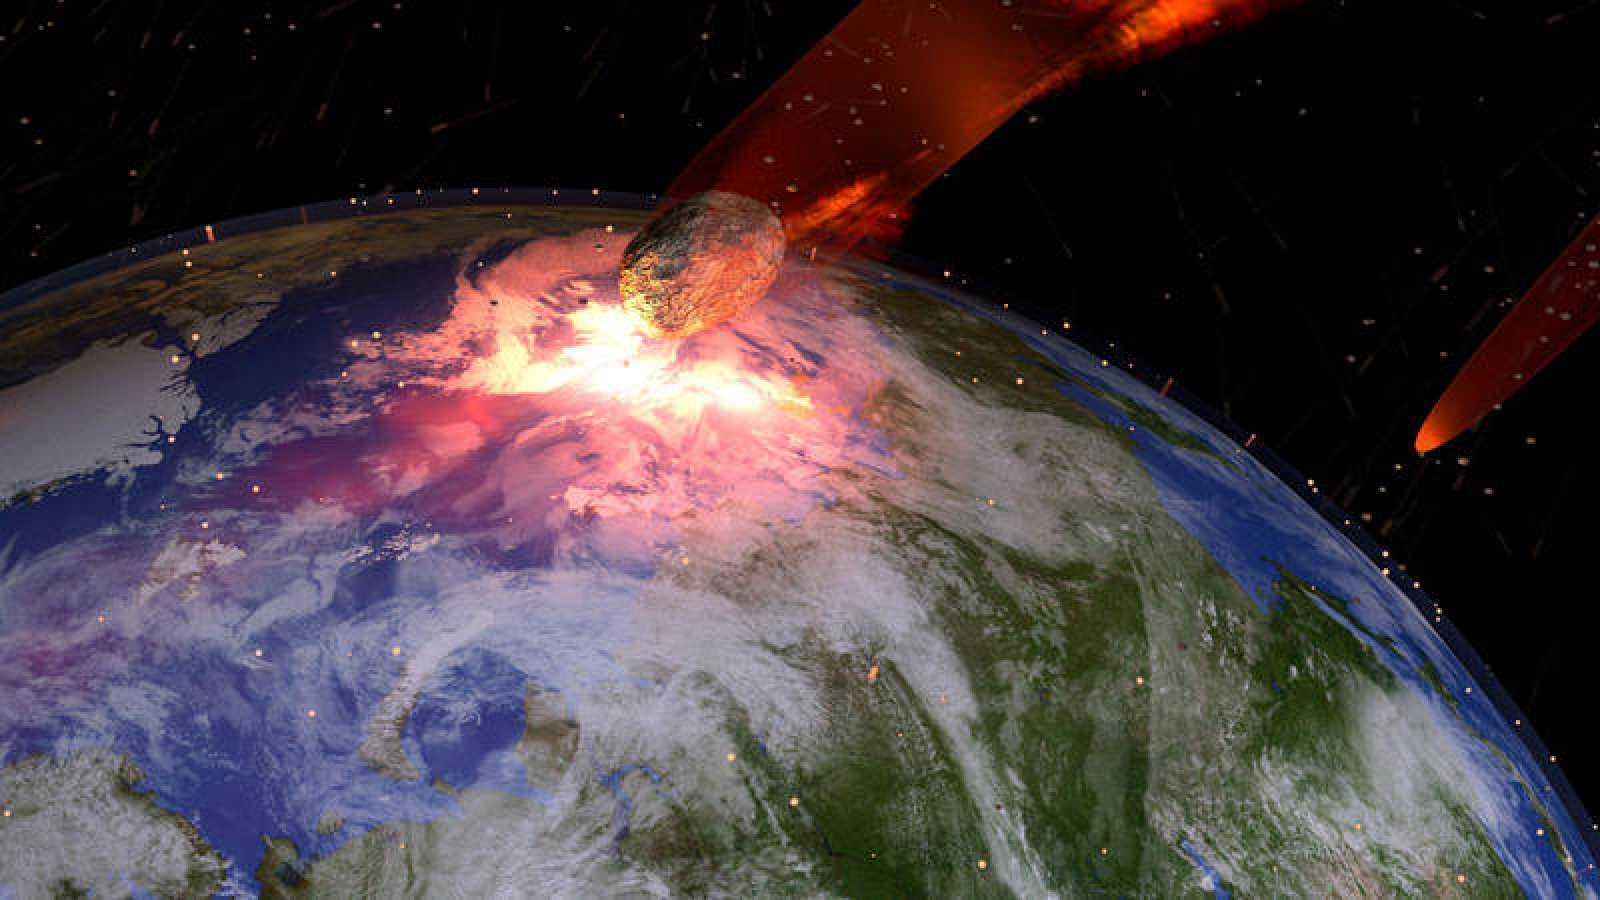 Las Aves Terrestres Lograron Sobrevivir A La Extincion Rtve Es Un grupo de geólogos de la universidad de berkeley (california) ha descubierto que el impacto de un meteorito hace ahora 66 millones de años modificó la actividad volcánica. las aves terrestres lograron sobrevivir